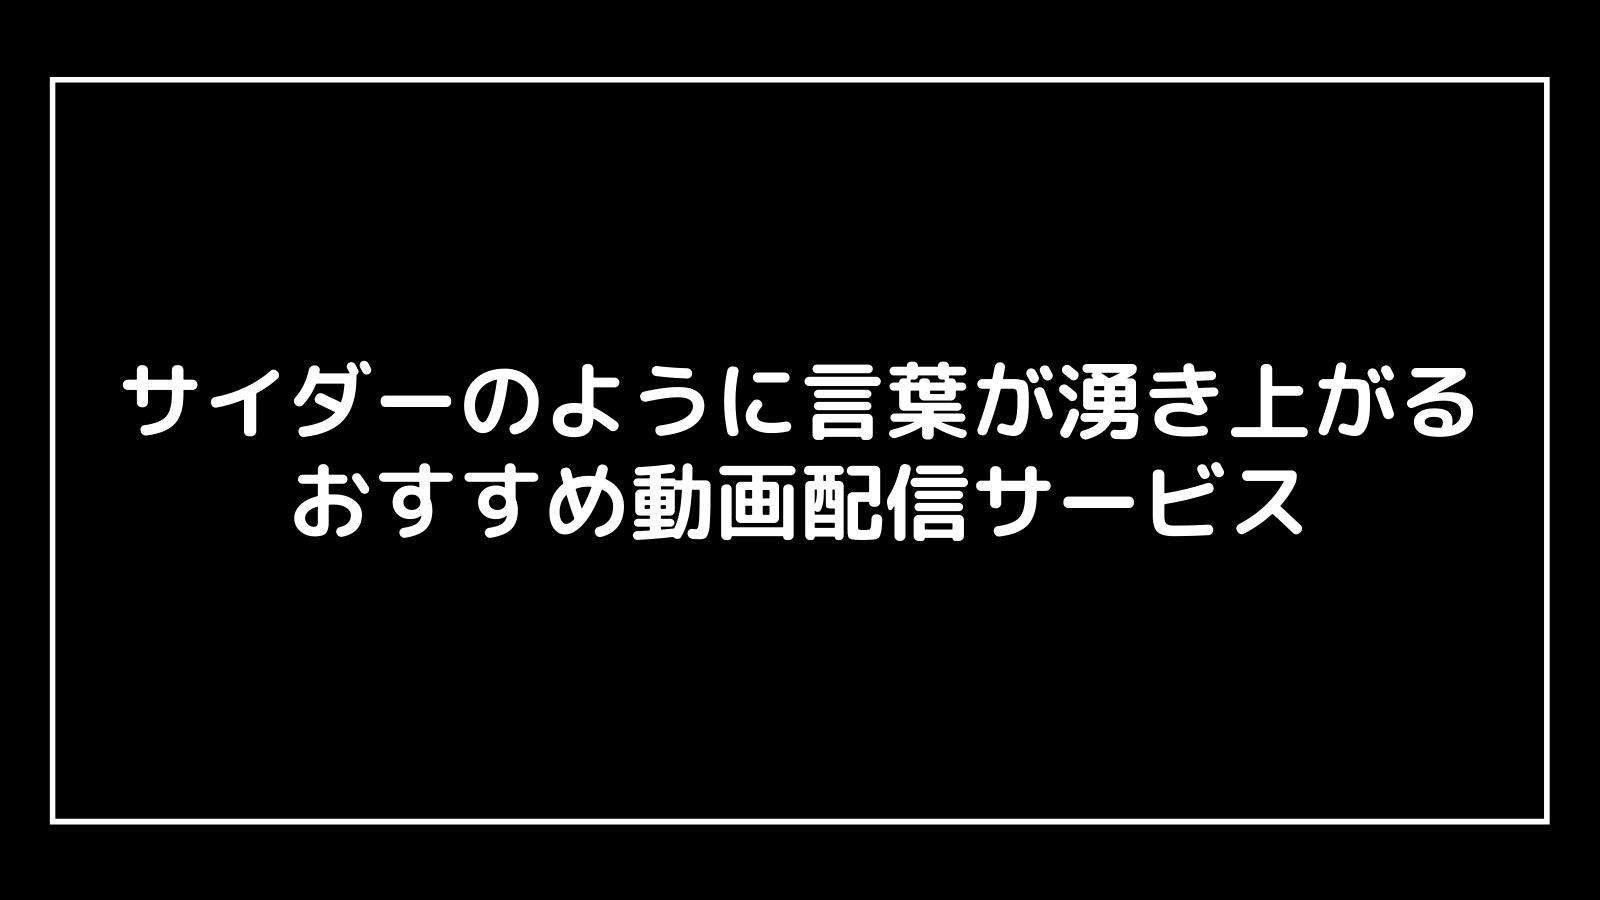 映画『サイダーのように言葉が湧き上がる』の配信を無料視聴できるおすすめ動画配信サイト